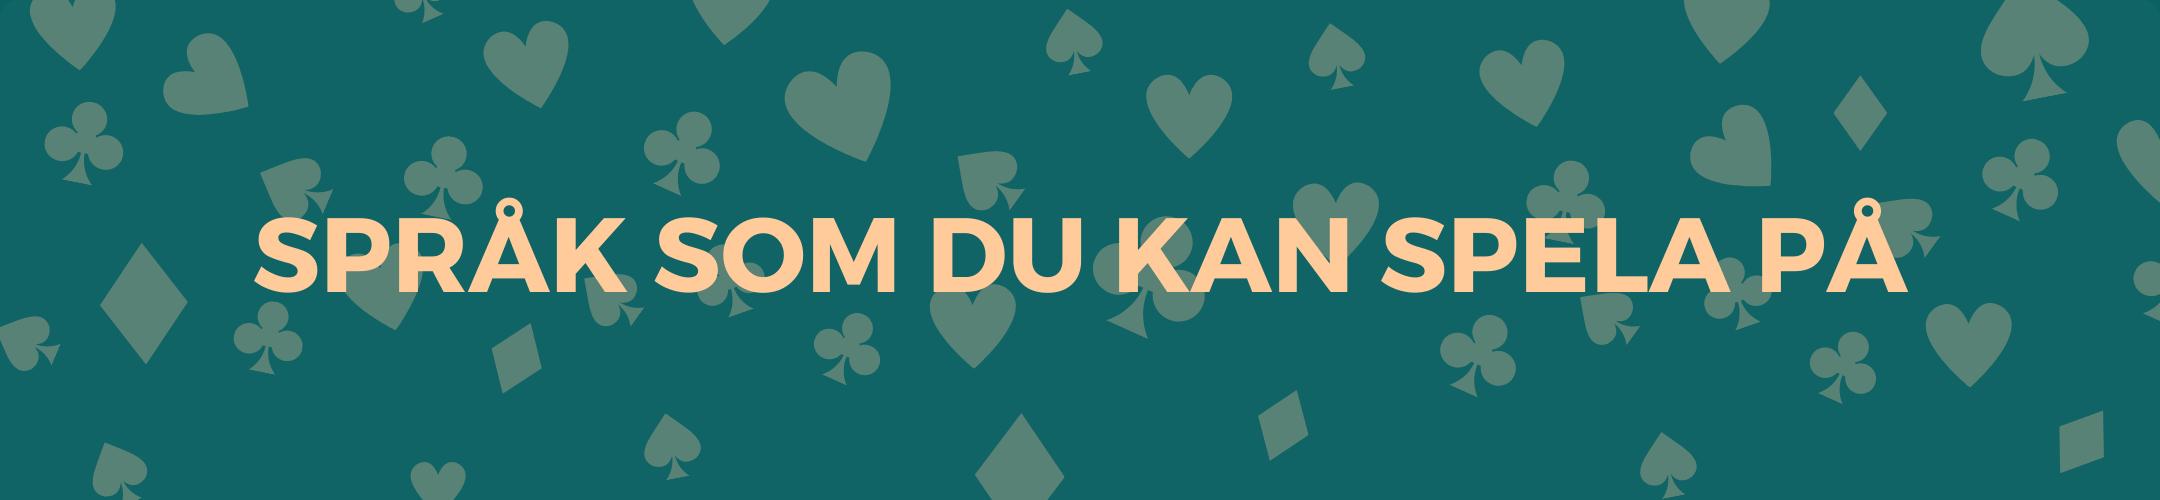 Språk som du kan spela på